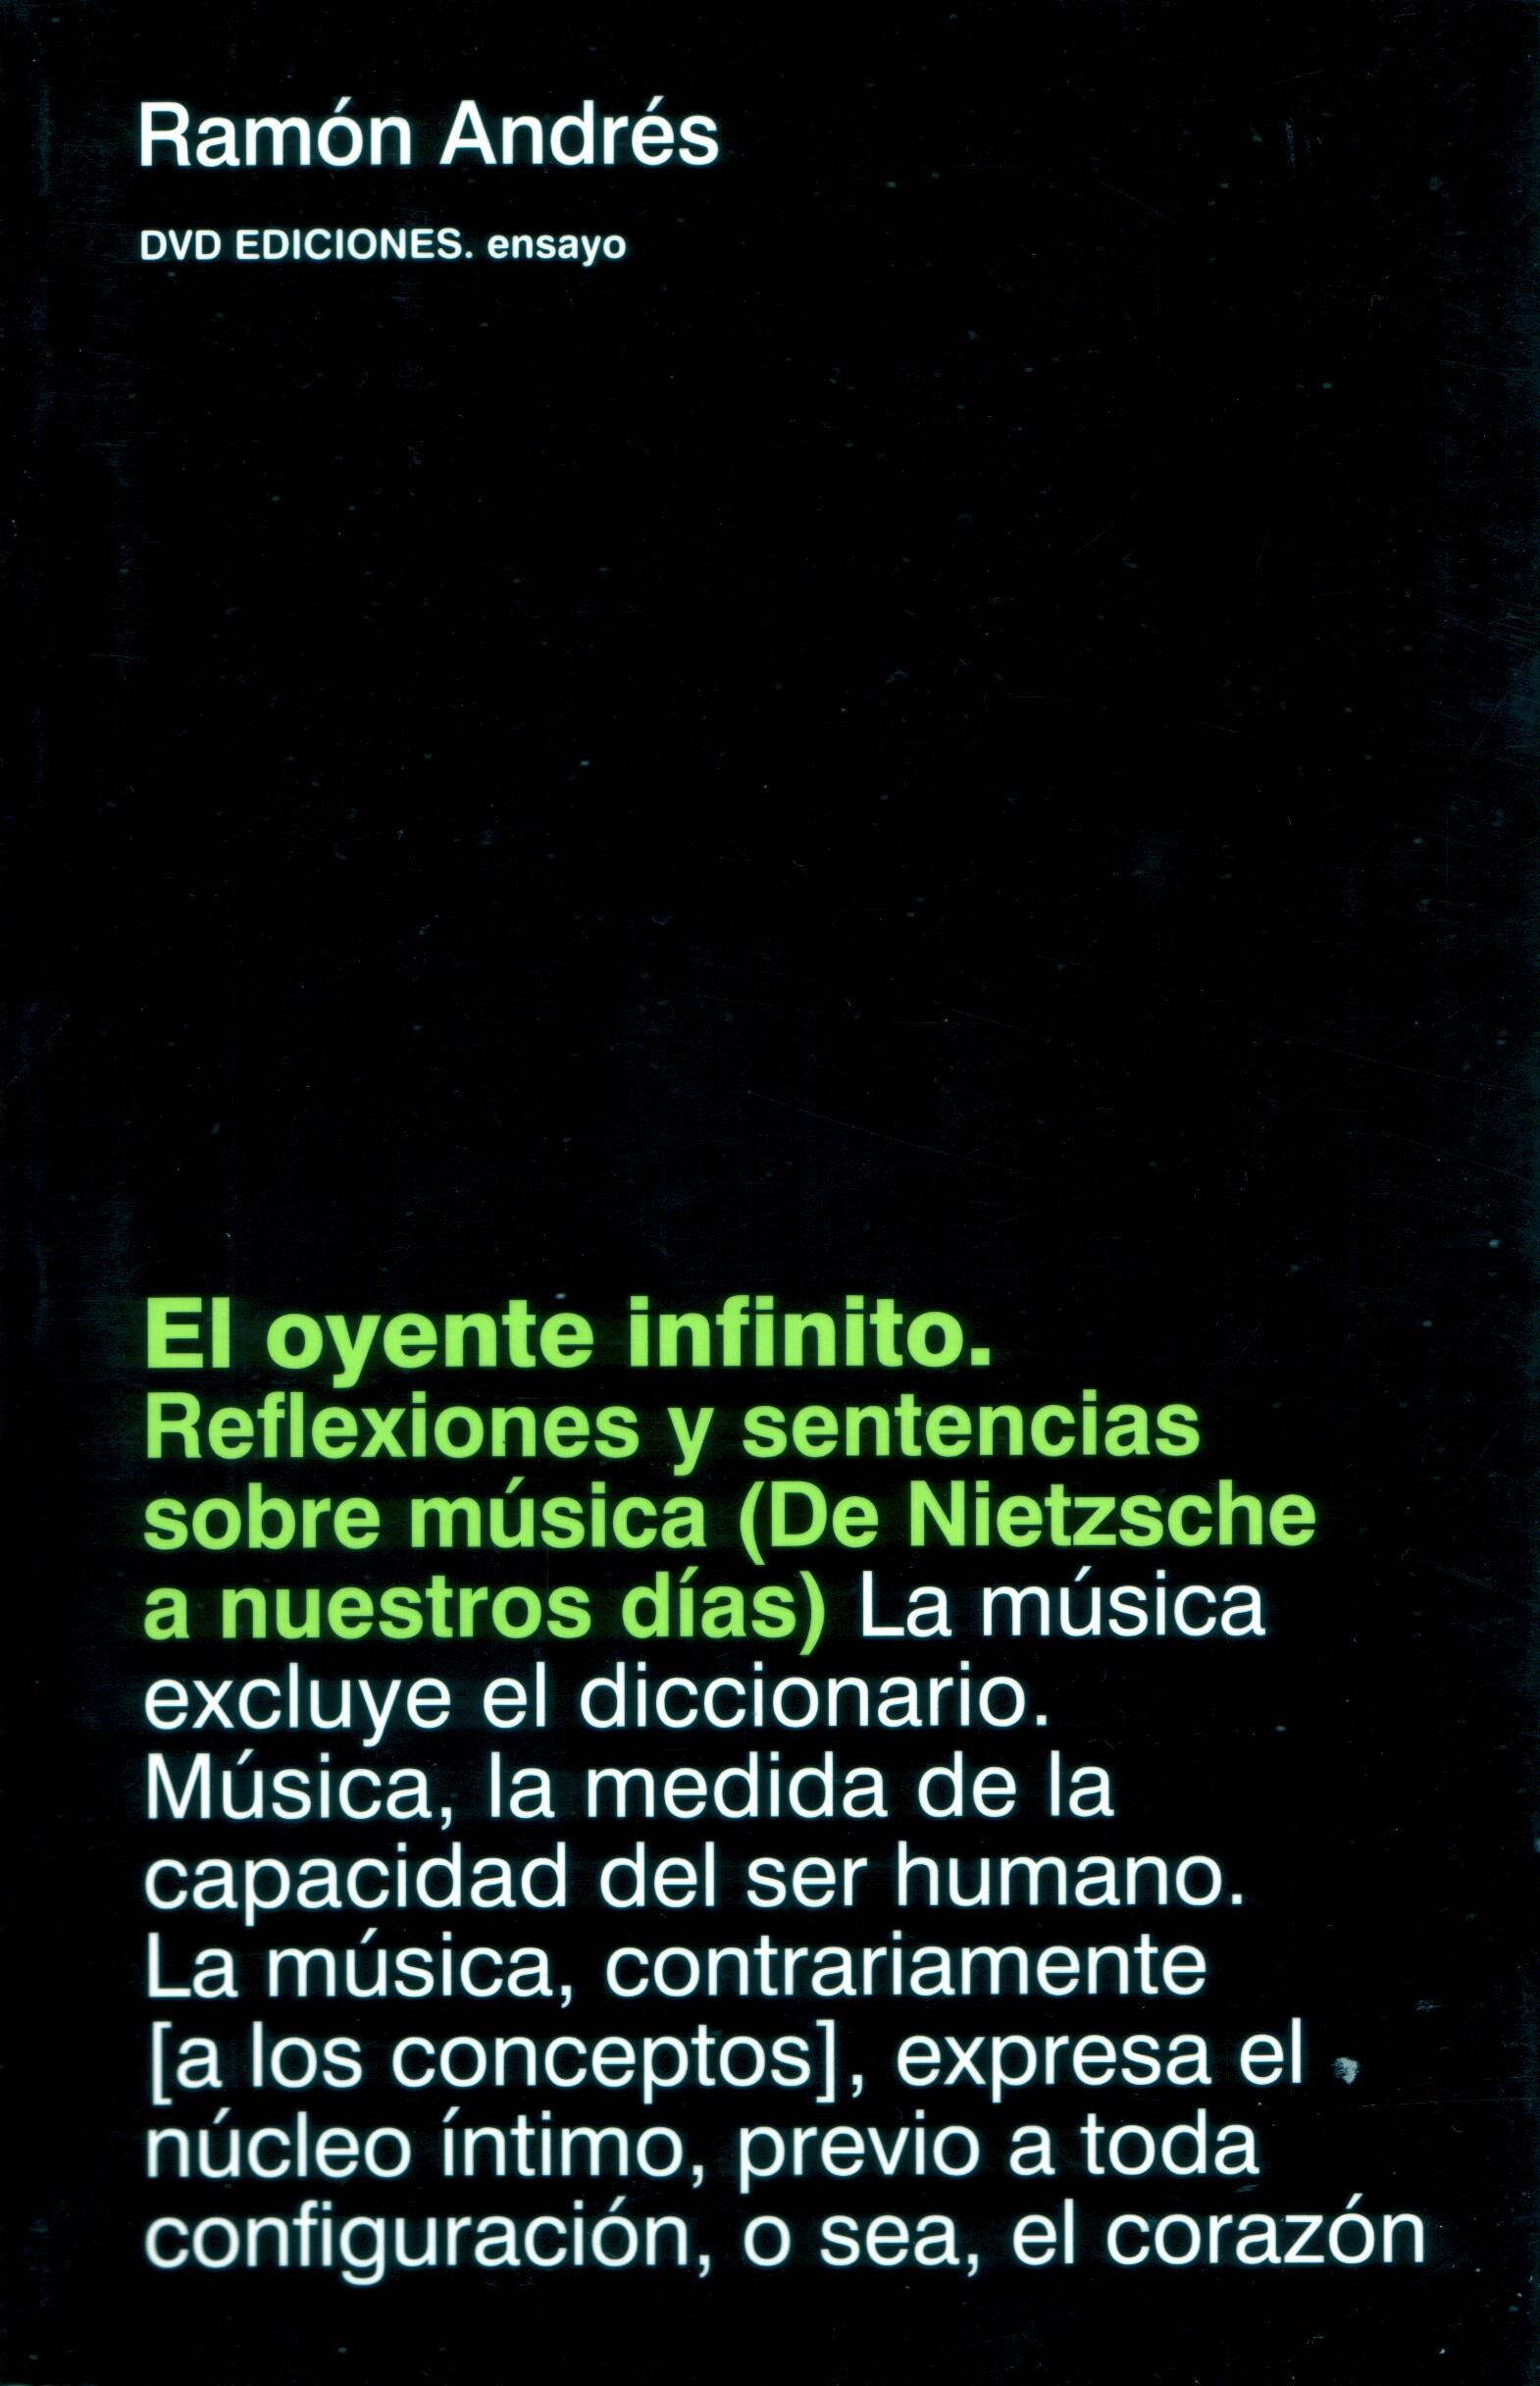 book-el-oyente-infinito.jpg